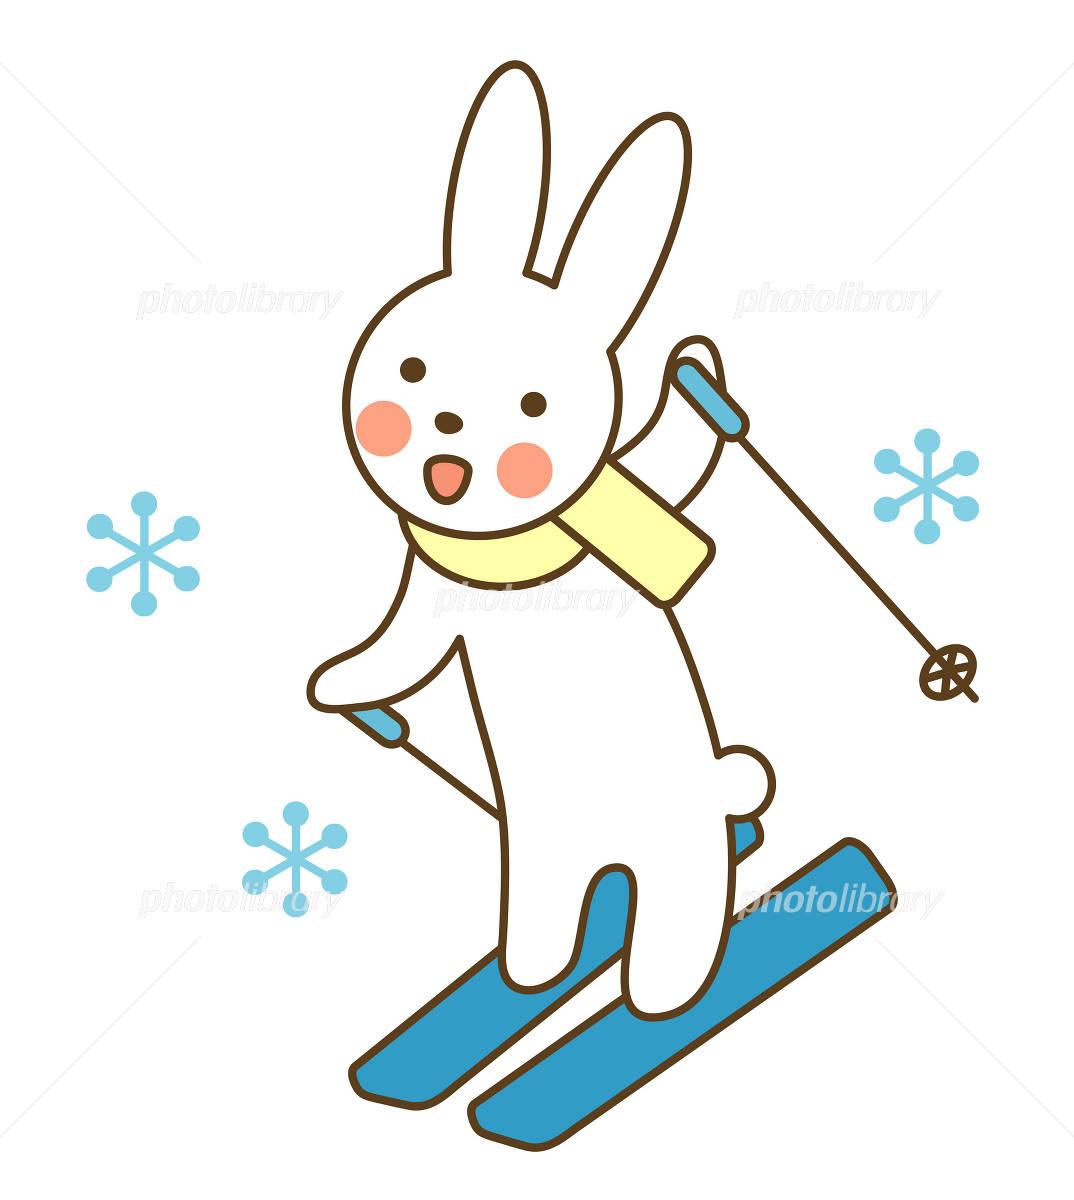 うさぎのスキー イラスト素材 789086 フォトライブラリー Photolibrary